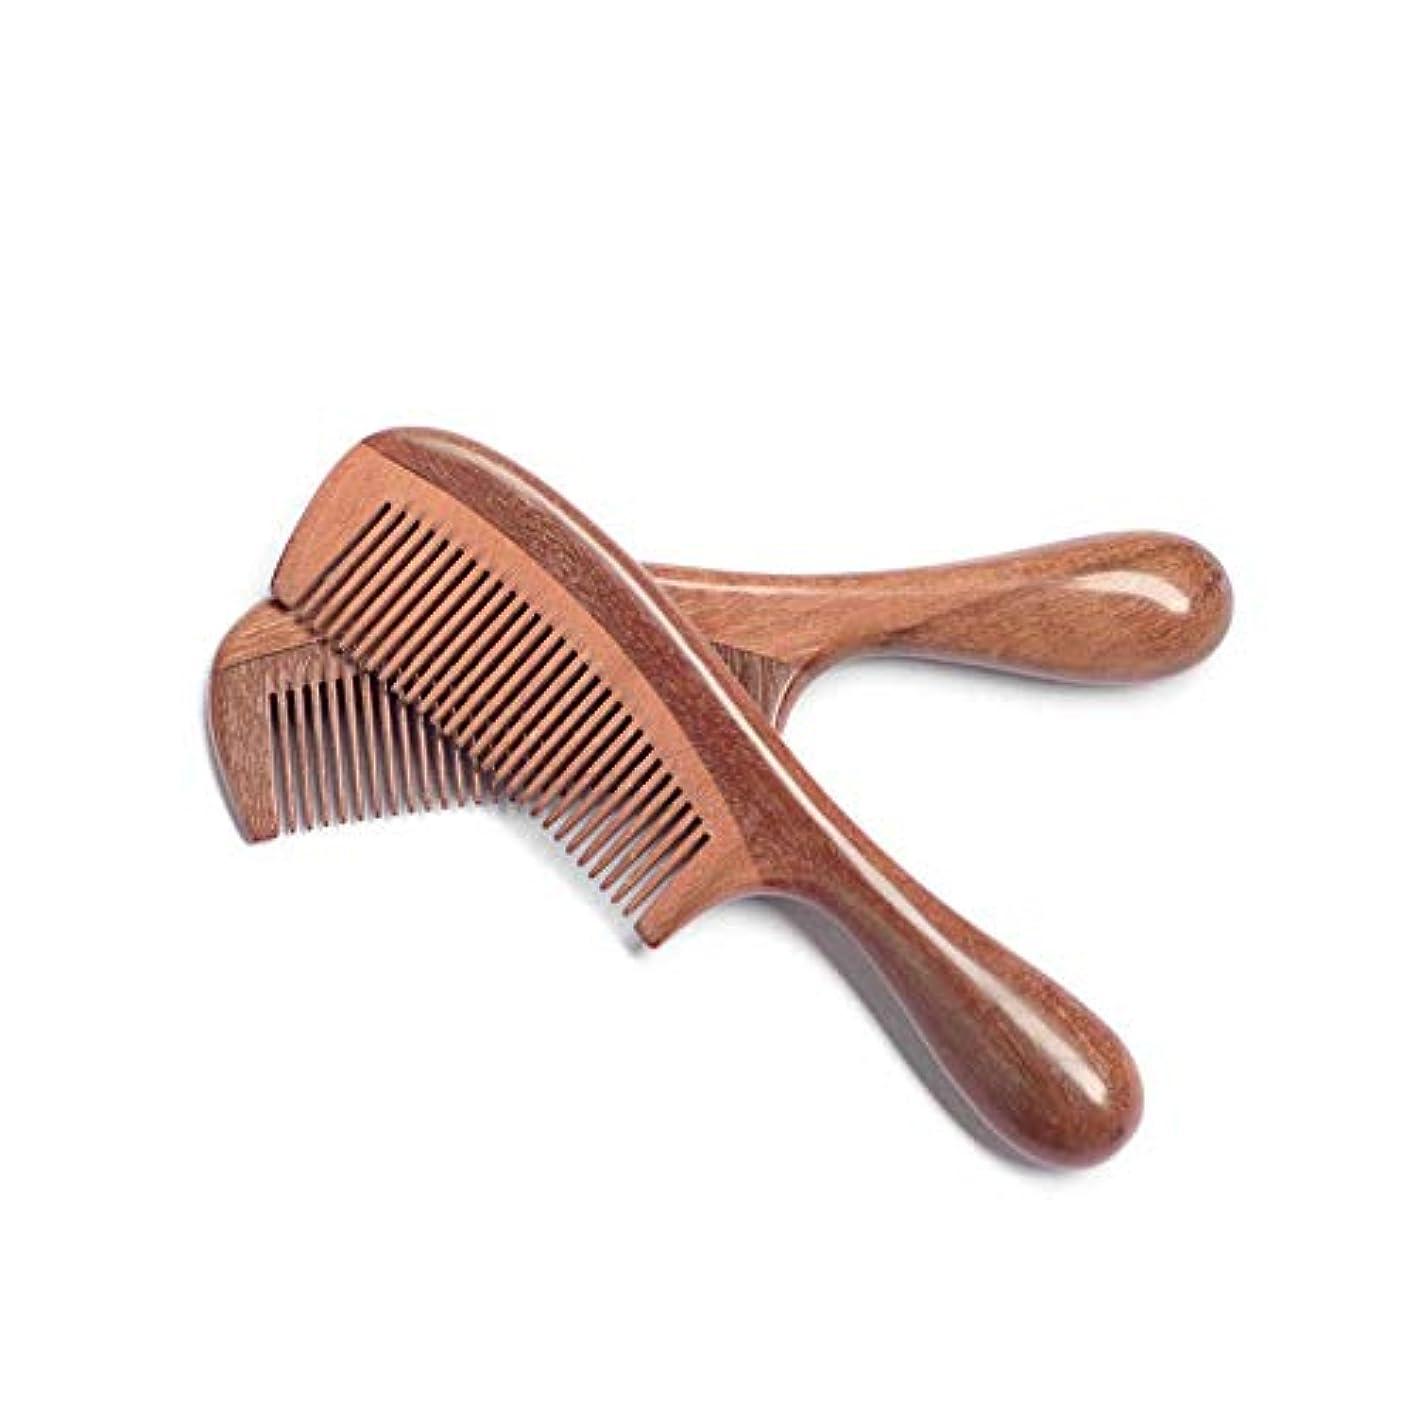 いっぱい肉腫請求Fashian紫檀くしなめらかなロングハンドルマッサージストレート髪のくし ヘアケア